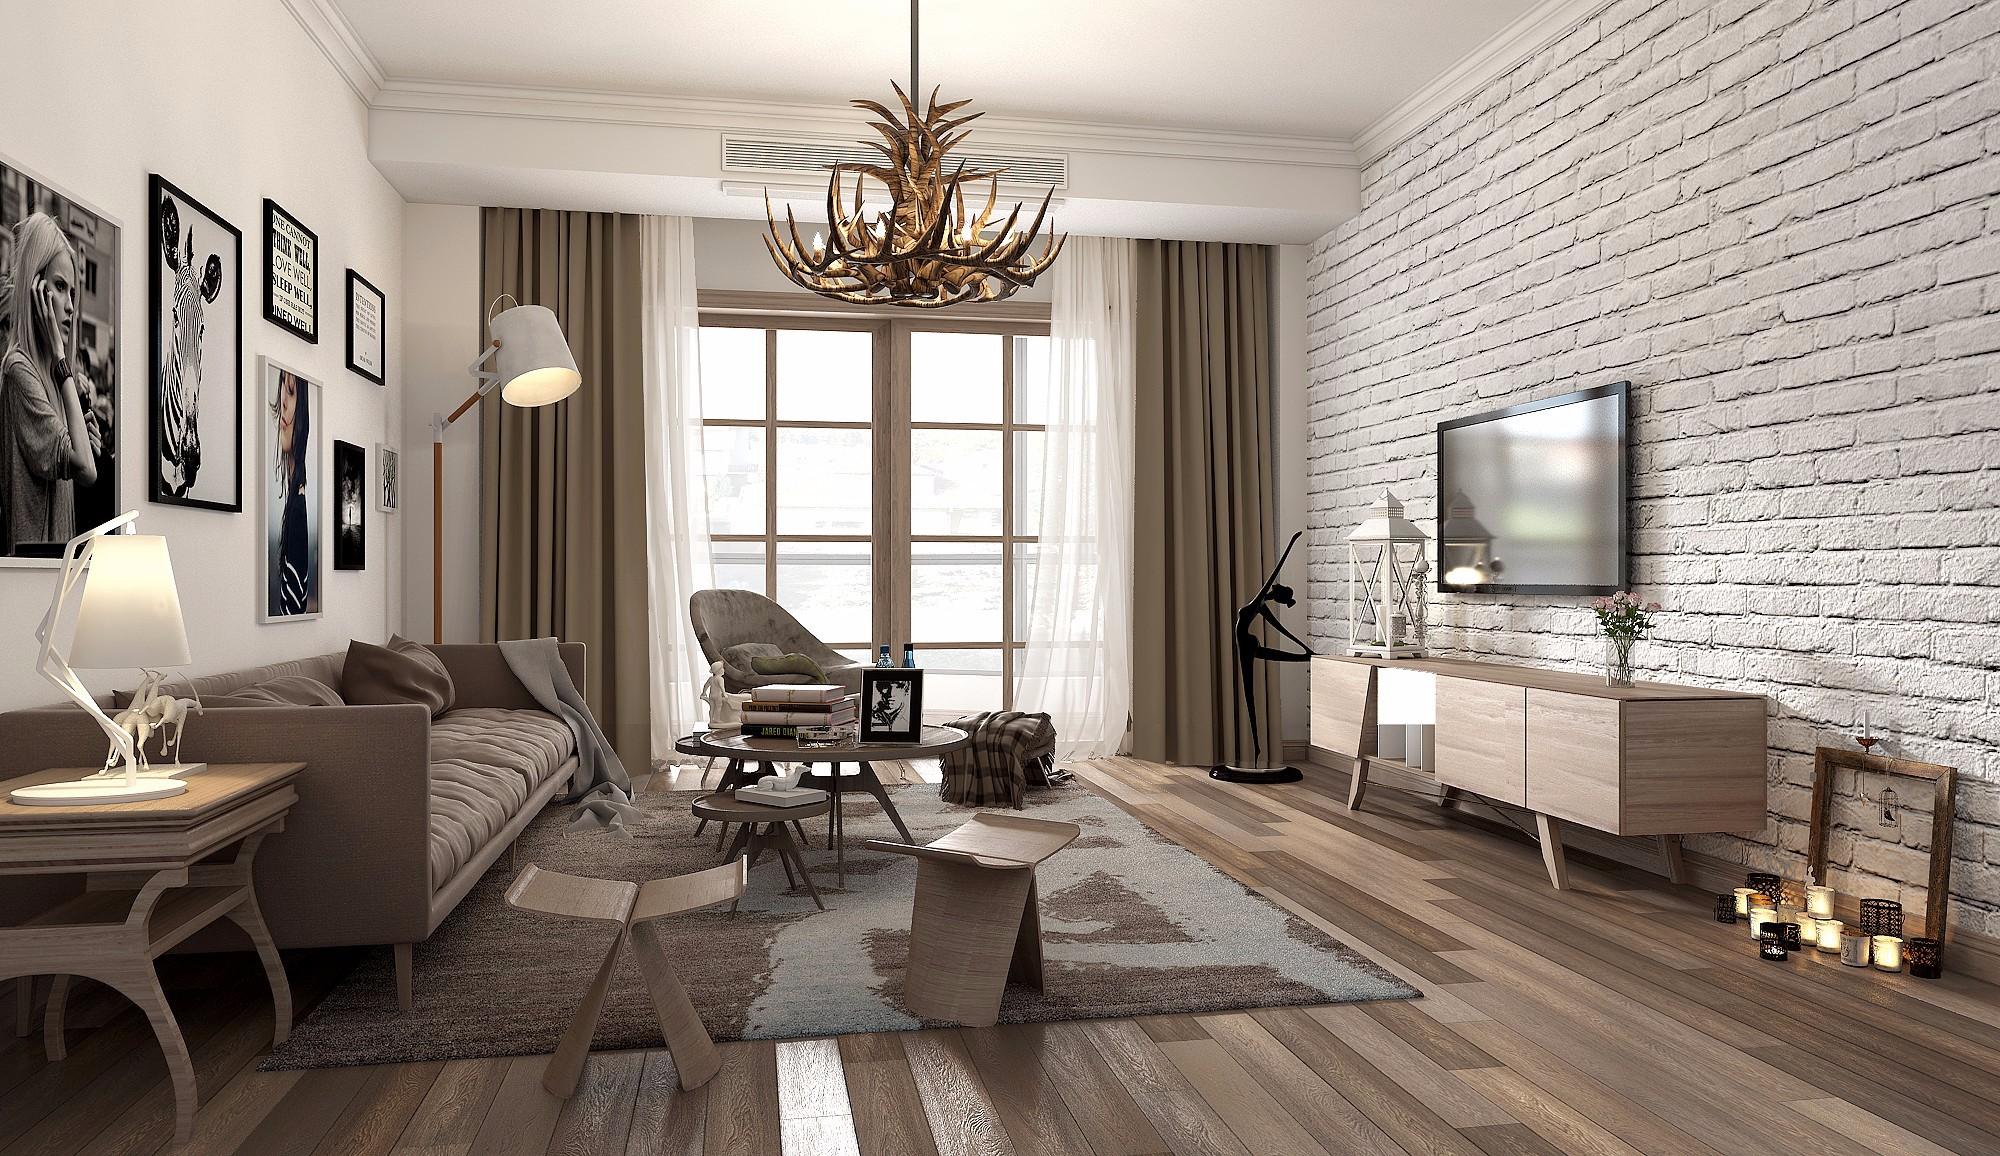 北欧小清新客厅 - 效果图交流区-建e室内设计网